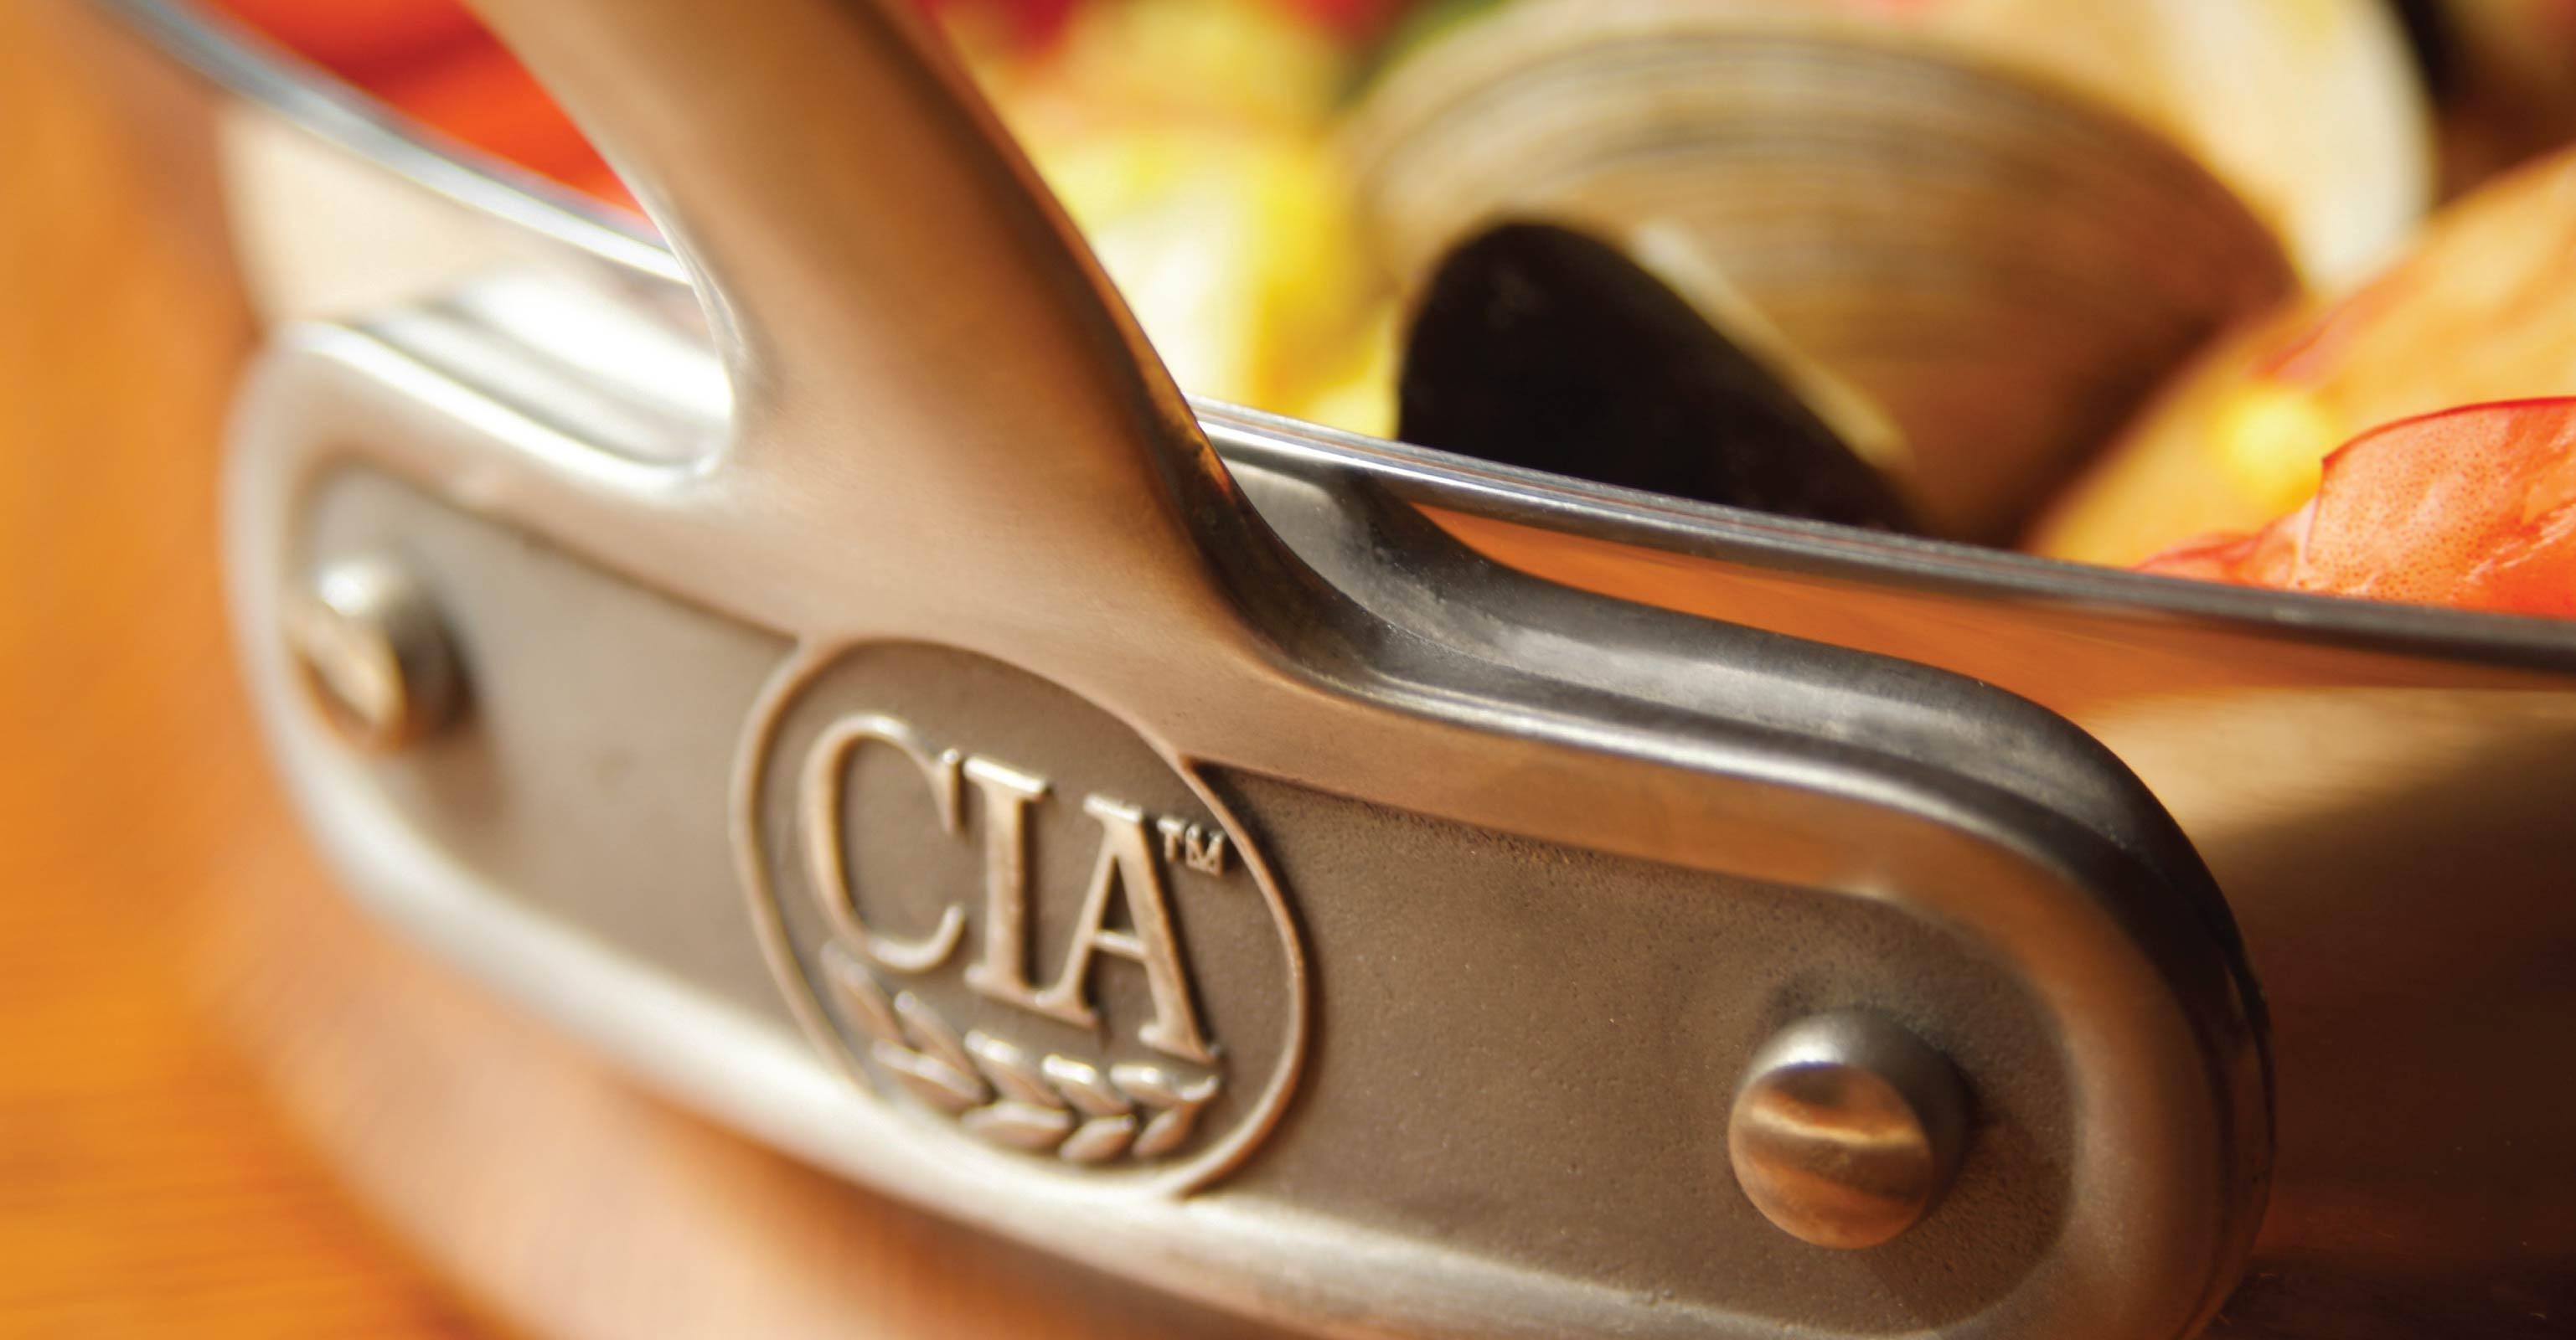 cookware-cia-logo.jpg